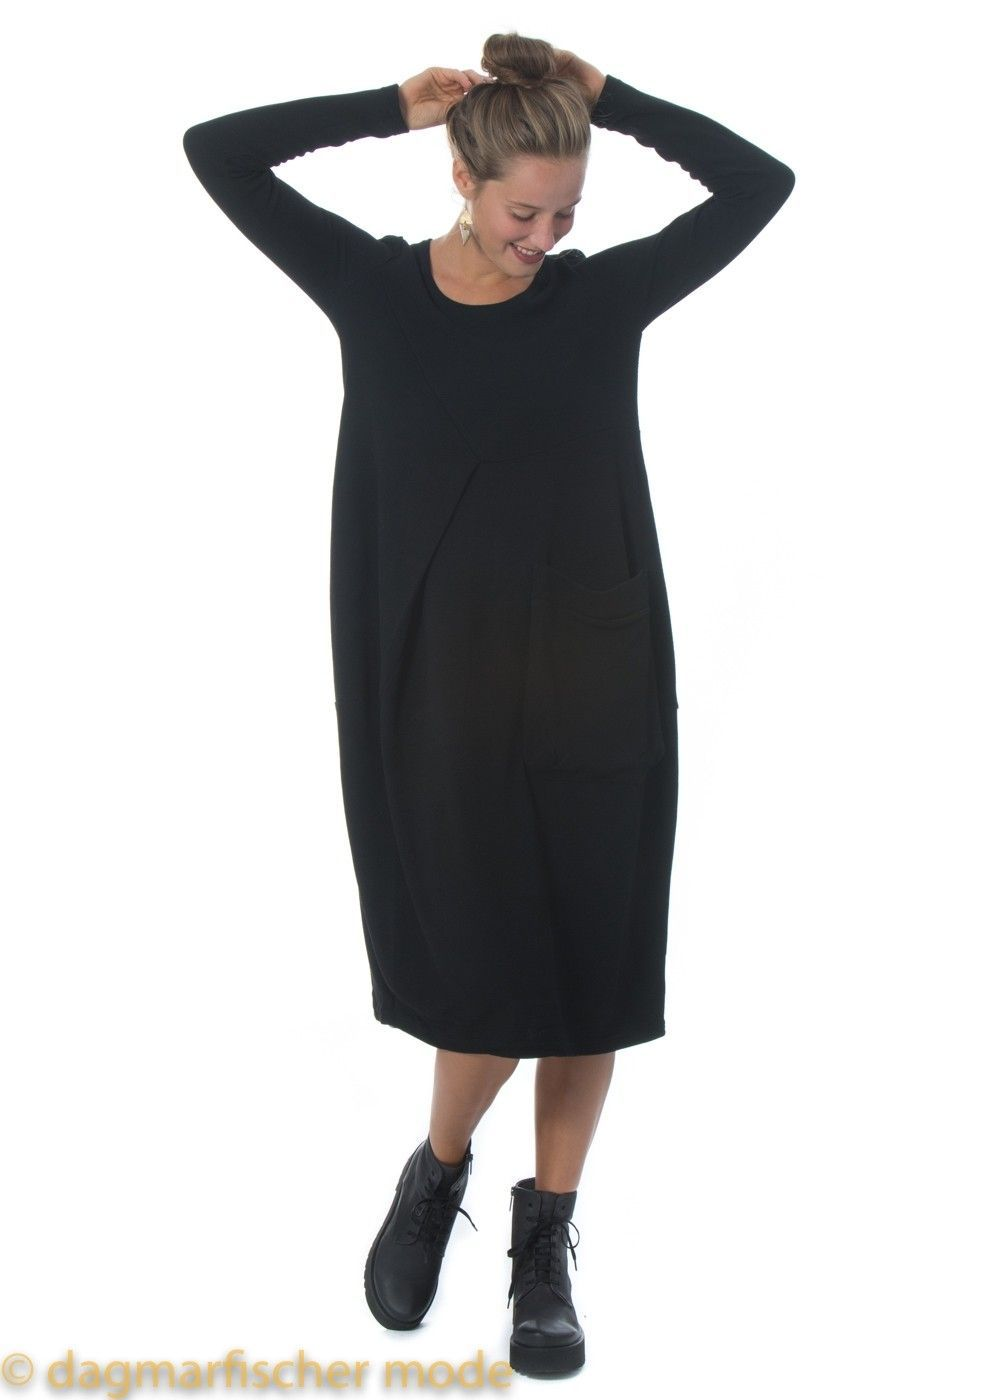 Kleid Gofra von ELSEWHERE in black - dagmarfischer mode ...